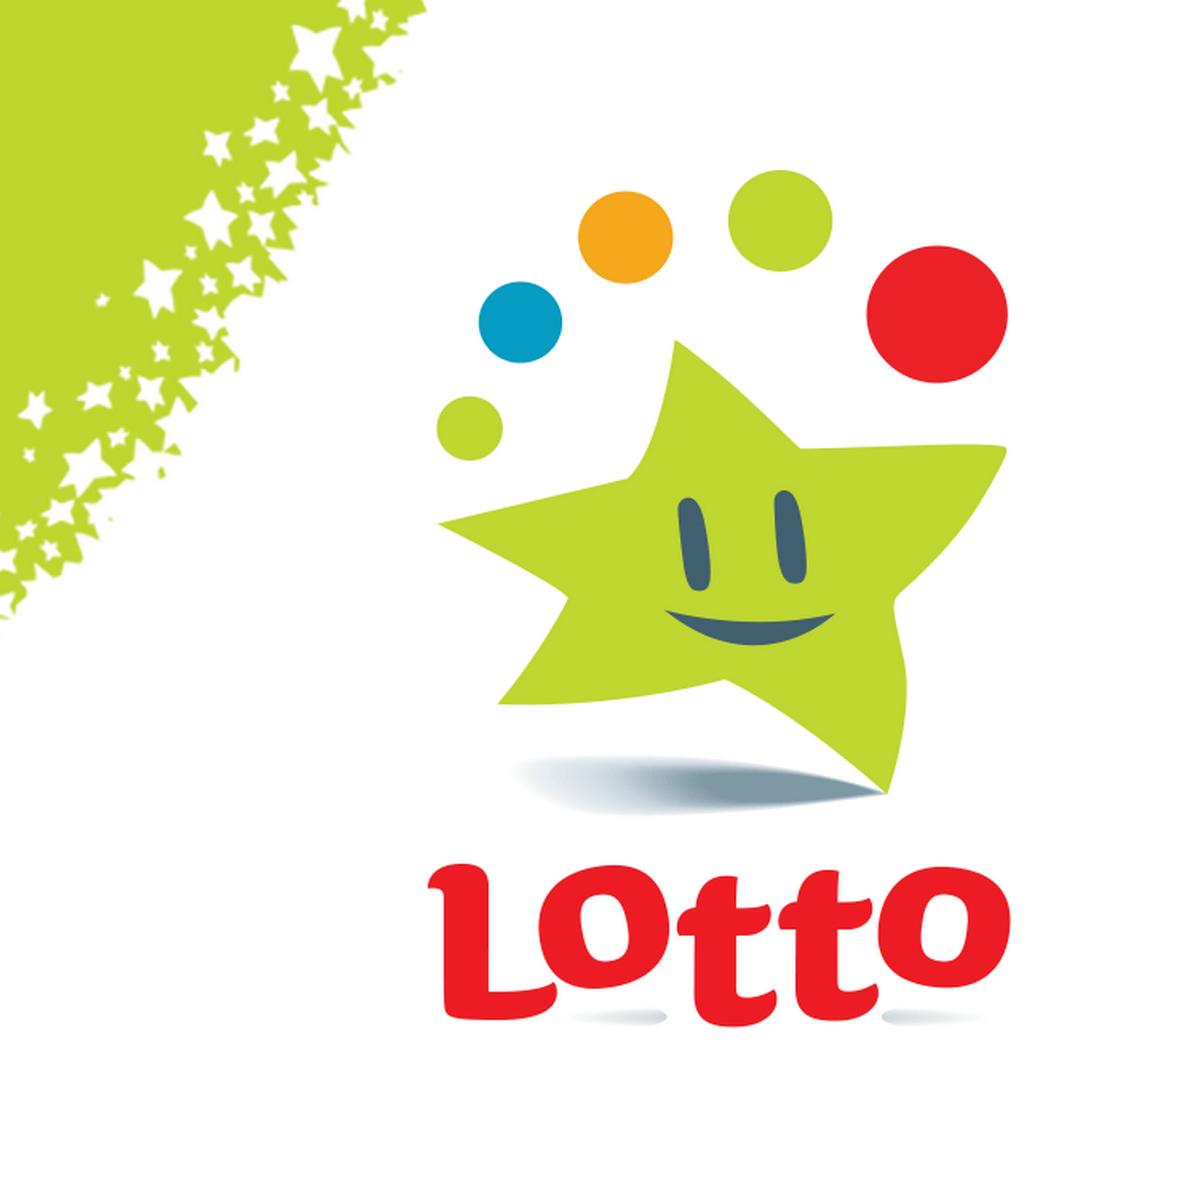 Канадская лотерея lotto 6/49 — как играть из россии